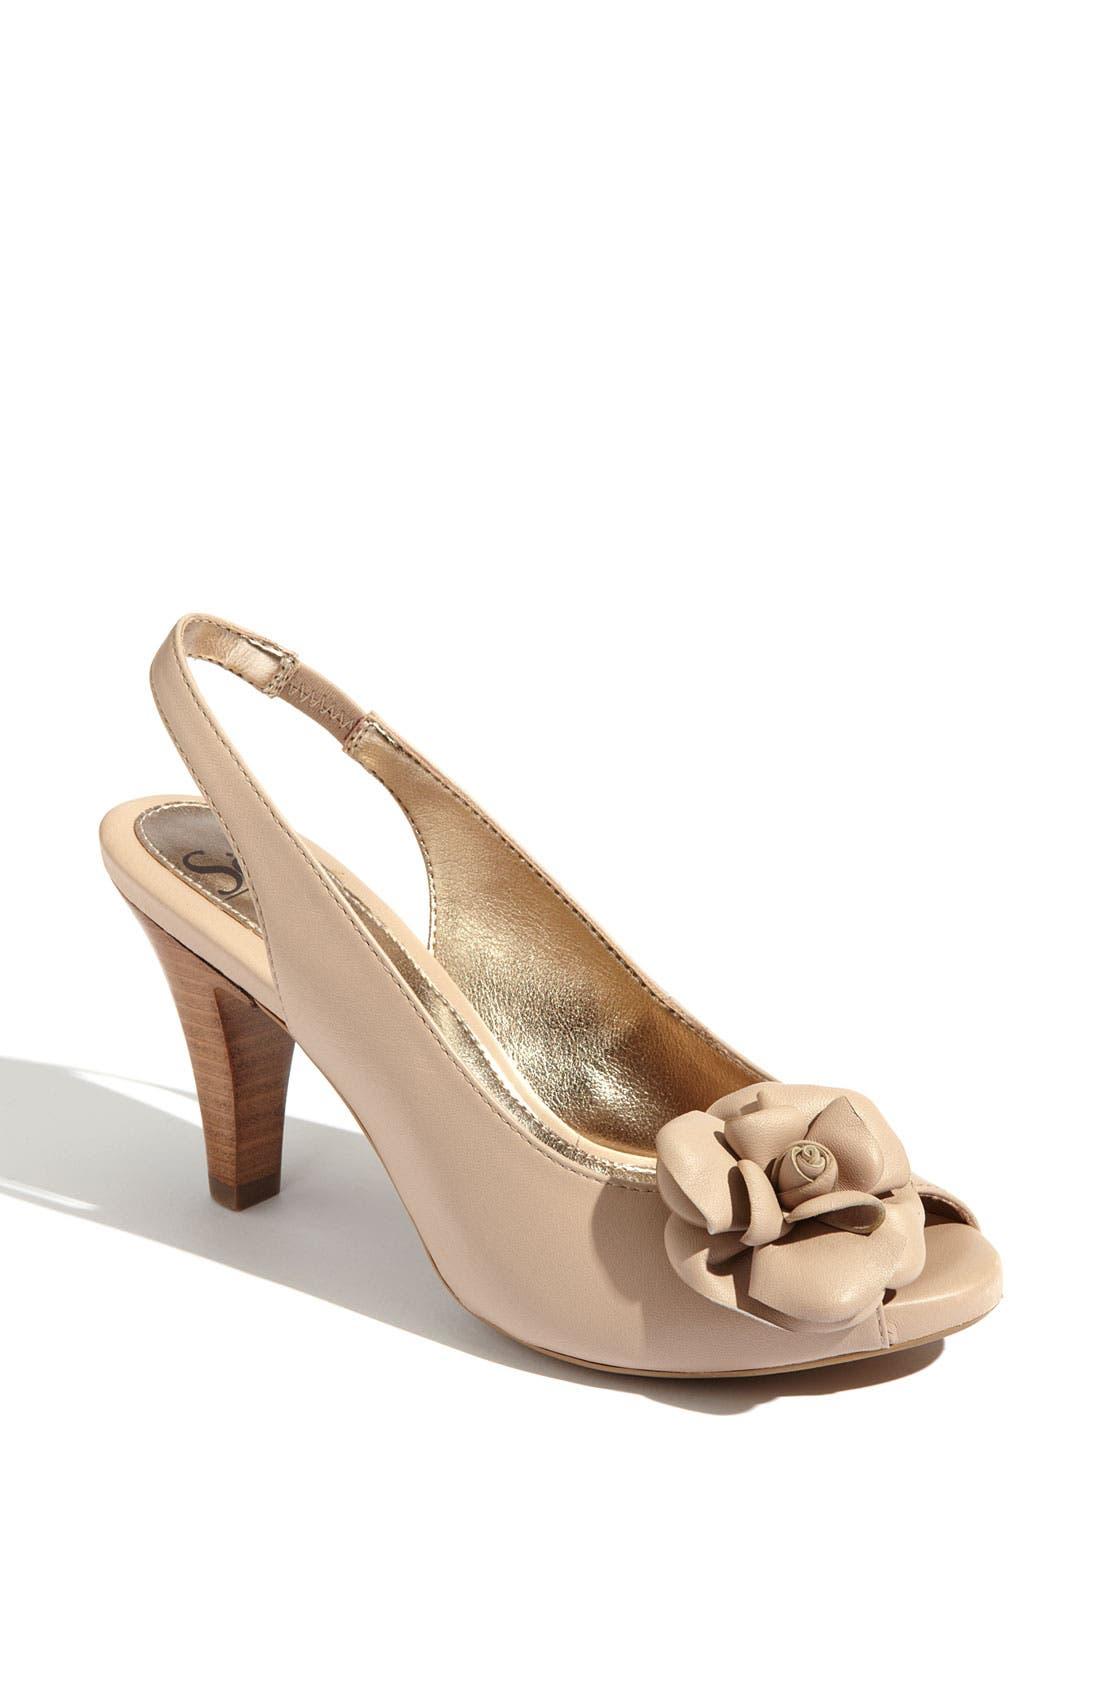 Main Image - Söfft 'Gironne' Slingback Sandal